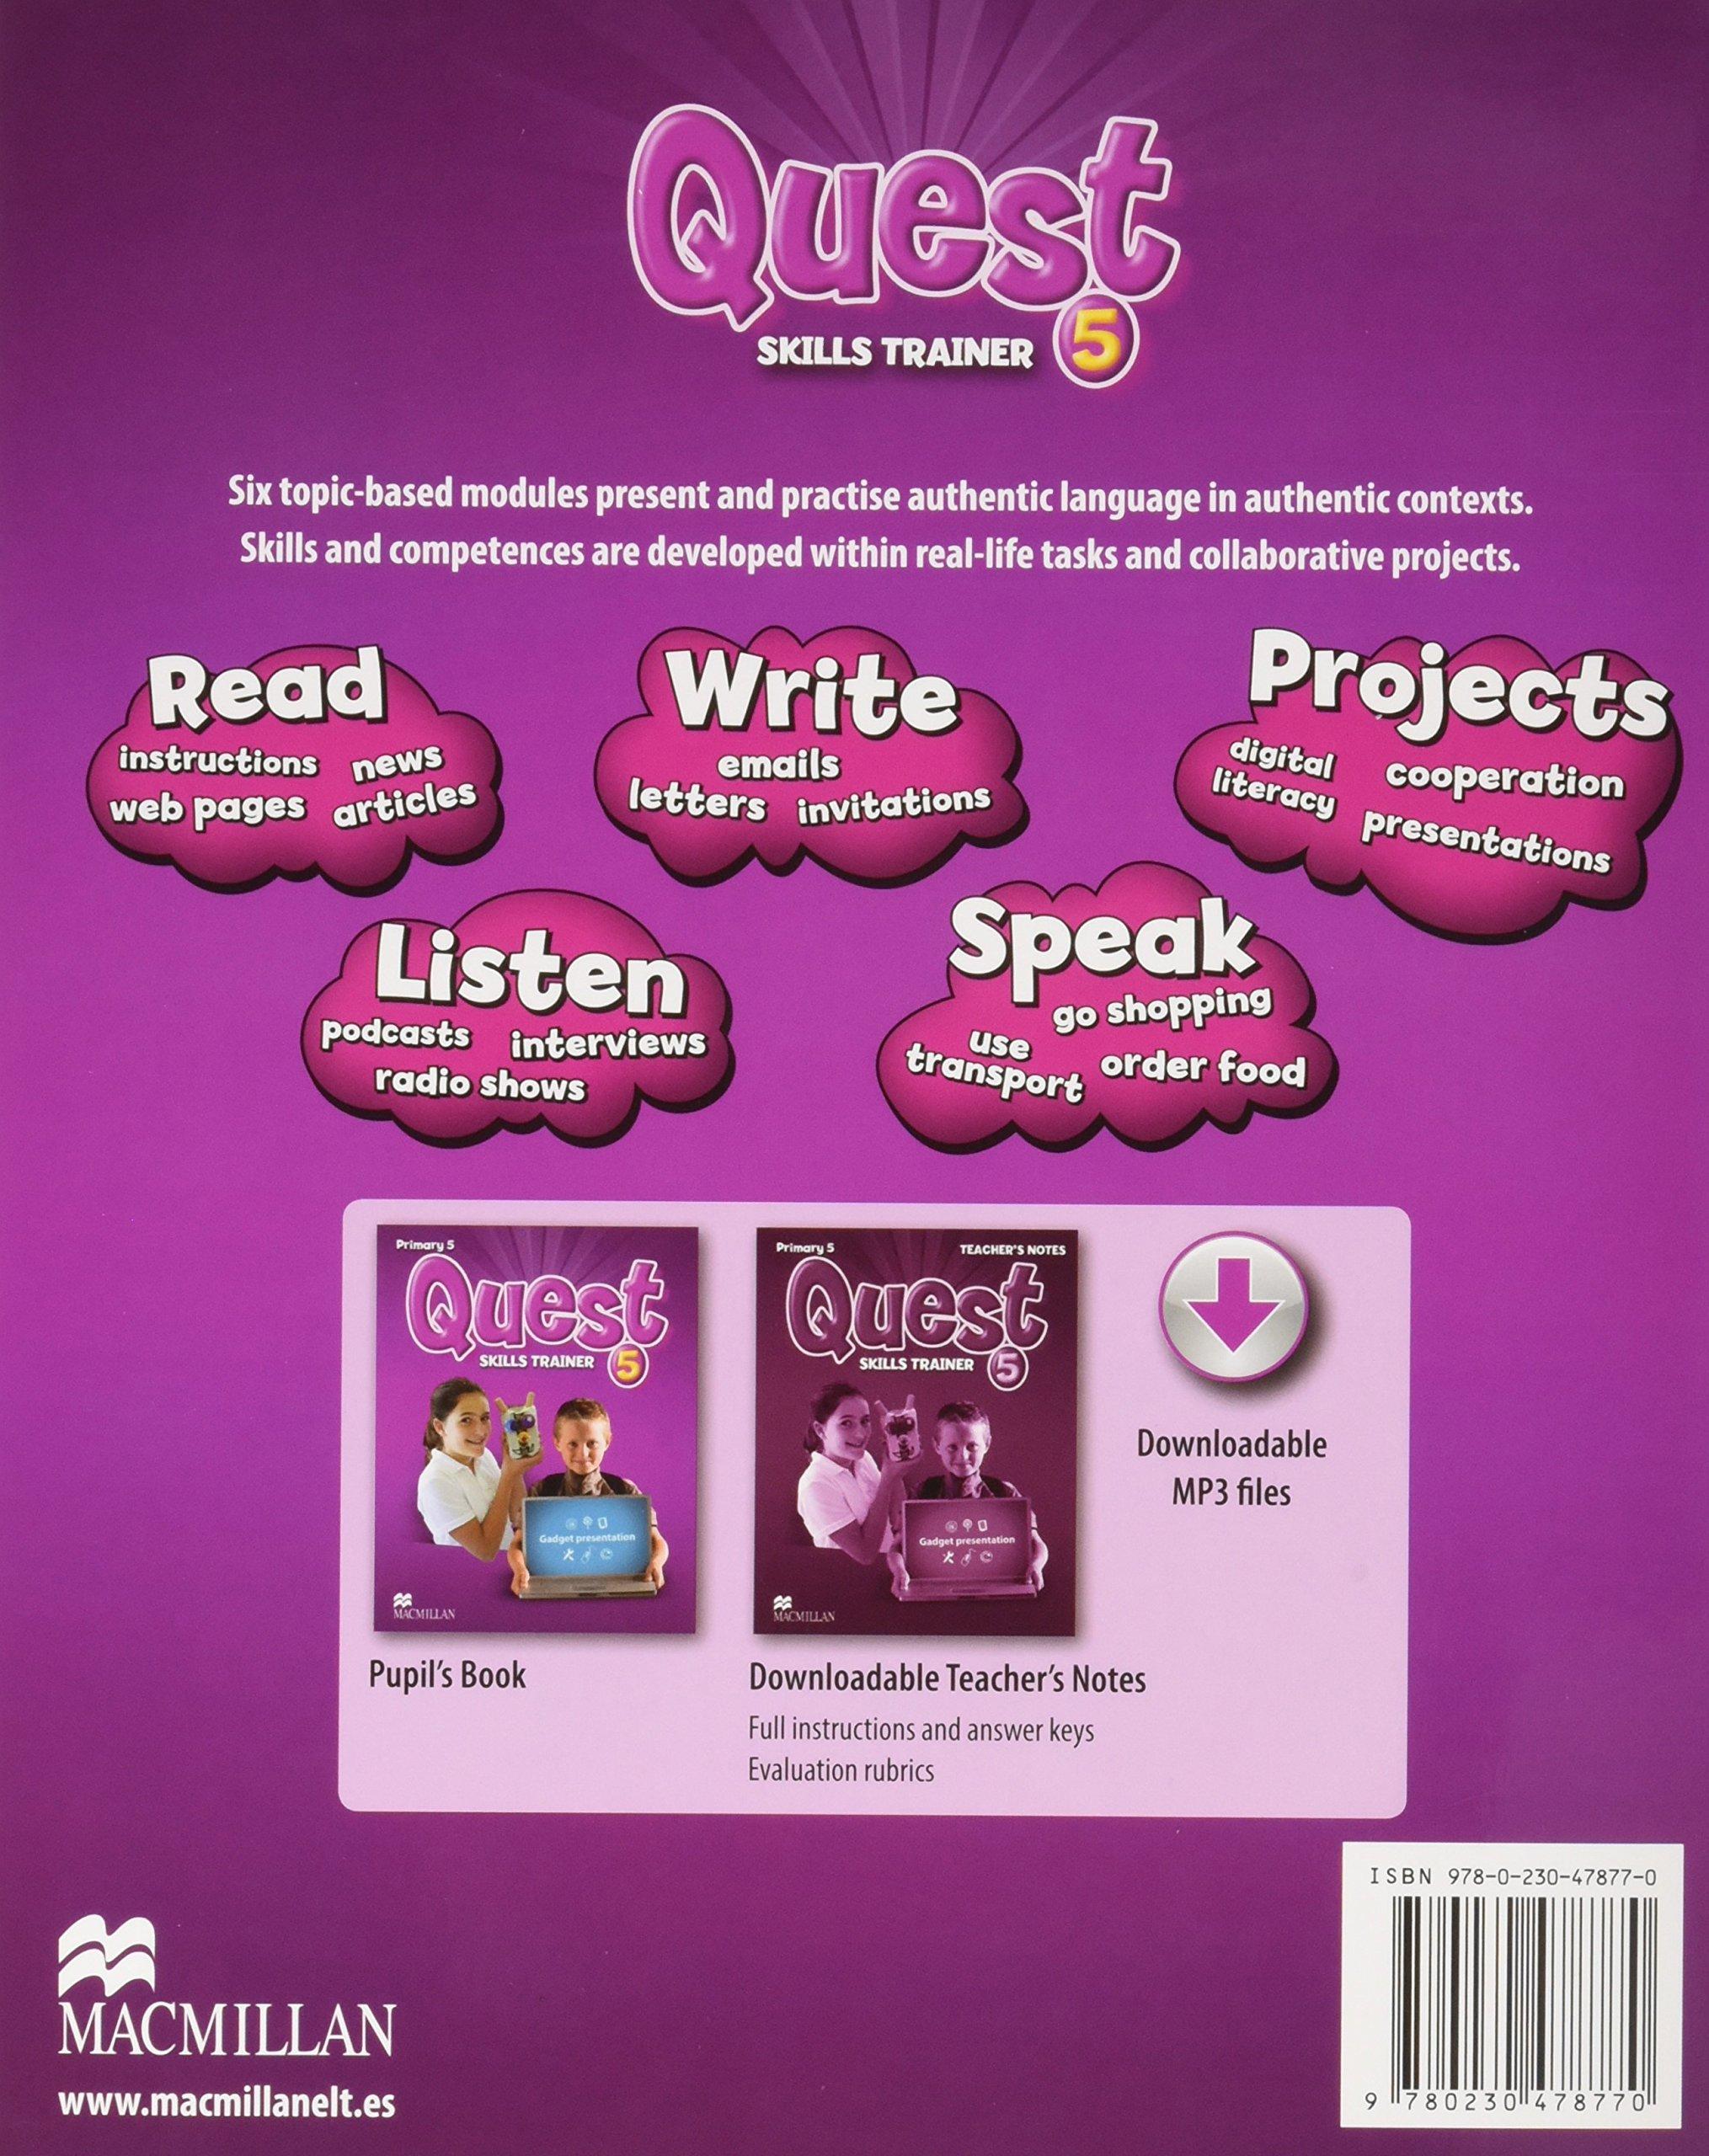 Quest Primary 5 Activity Book, Grammar Builder, CD-ROM - Interactive Activities Tiger - 9780230478718: Amazon.es: Corbett, J., O Farrell, R., Macmillan: Libros en idiomas extranjeros